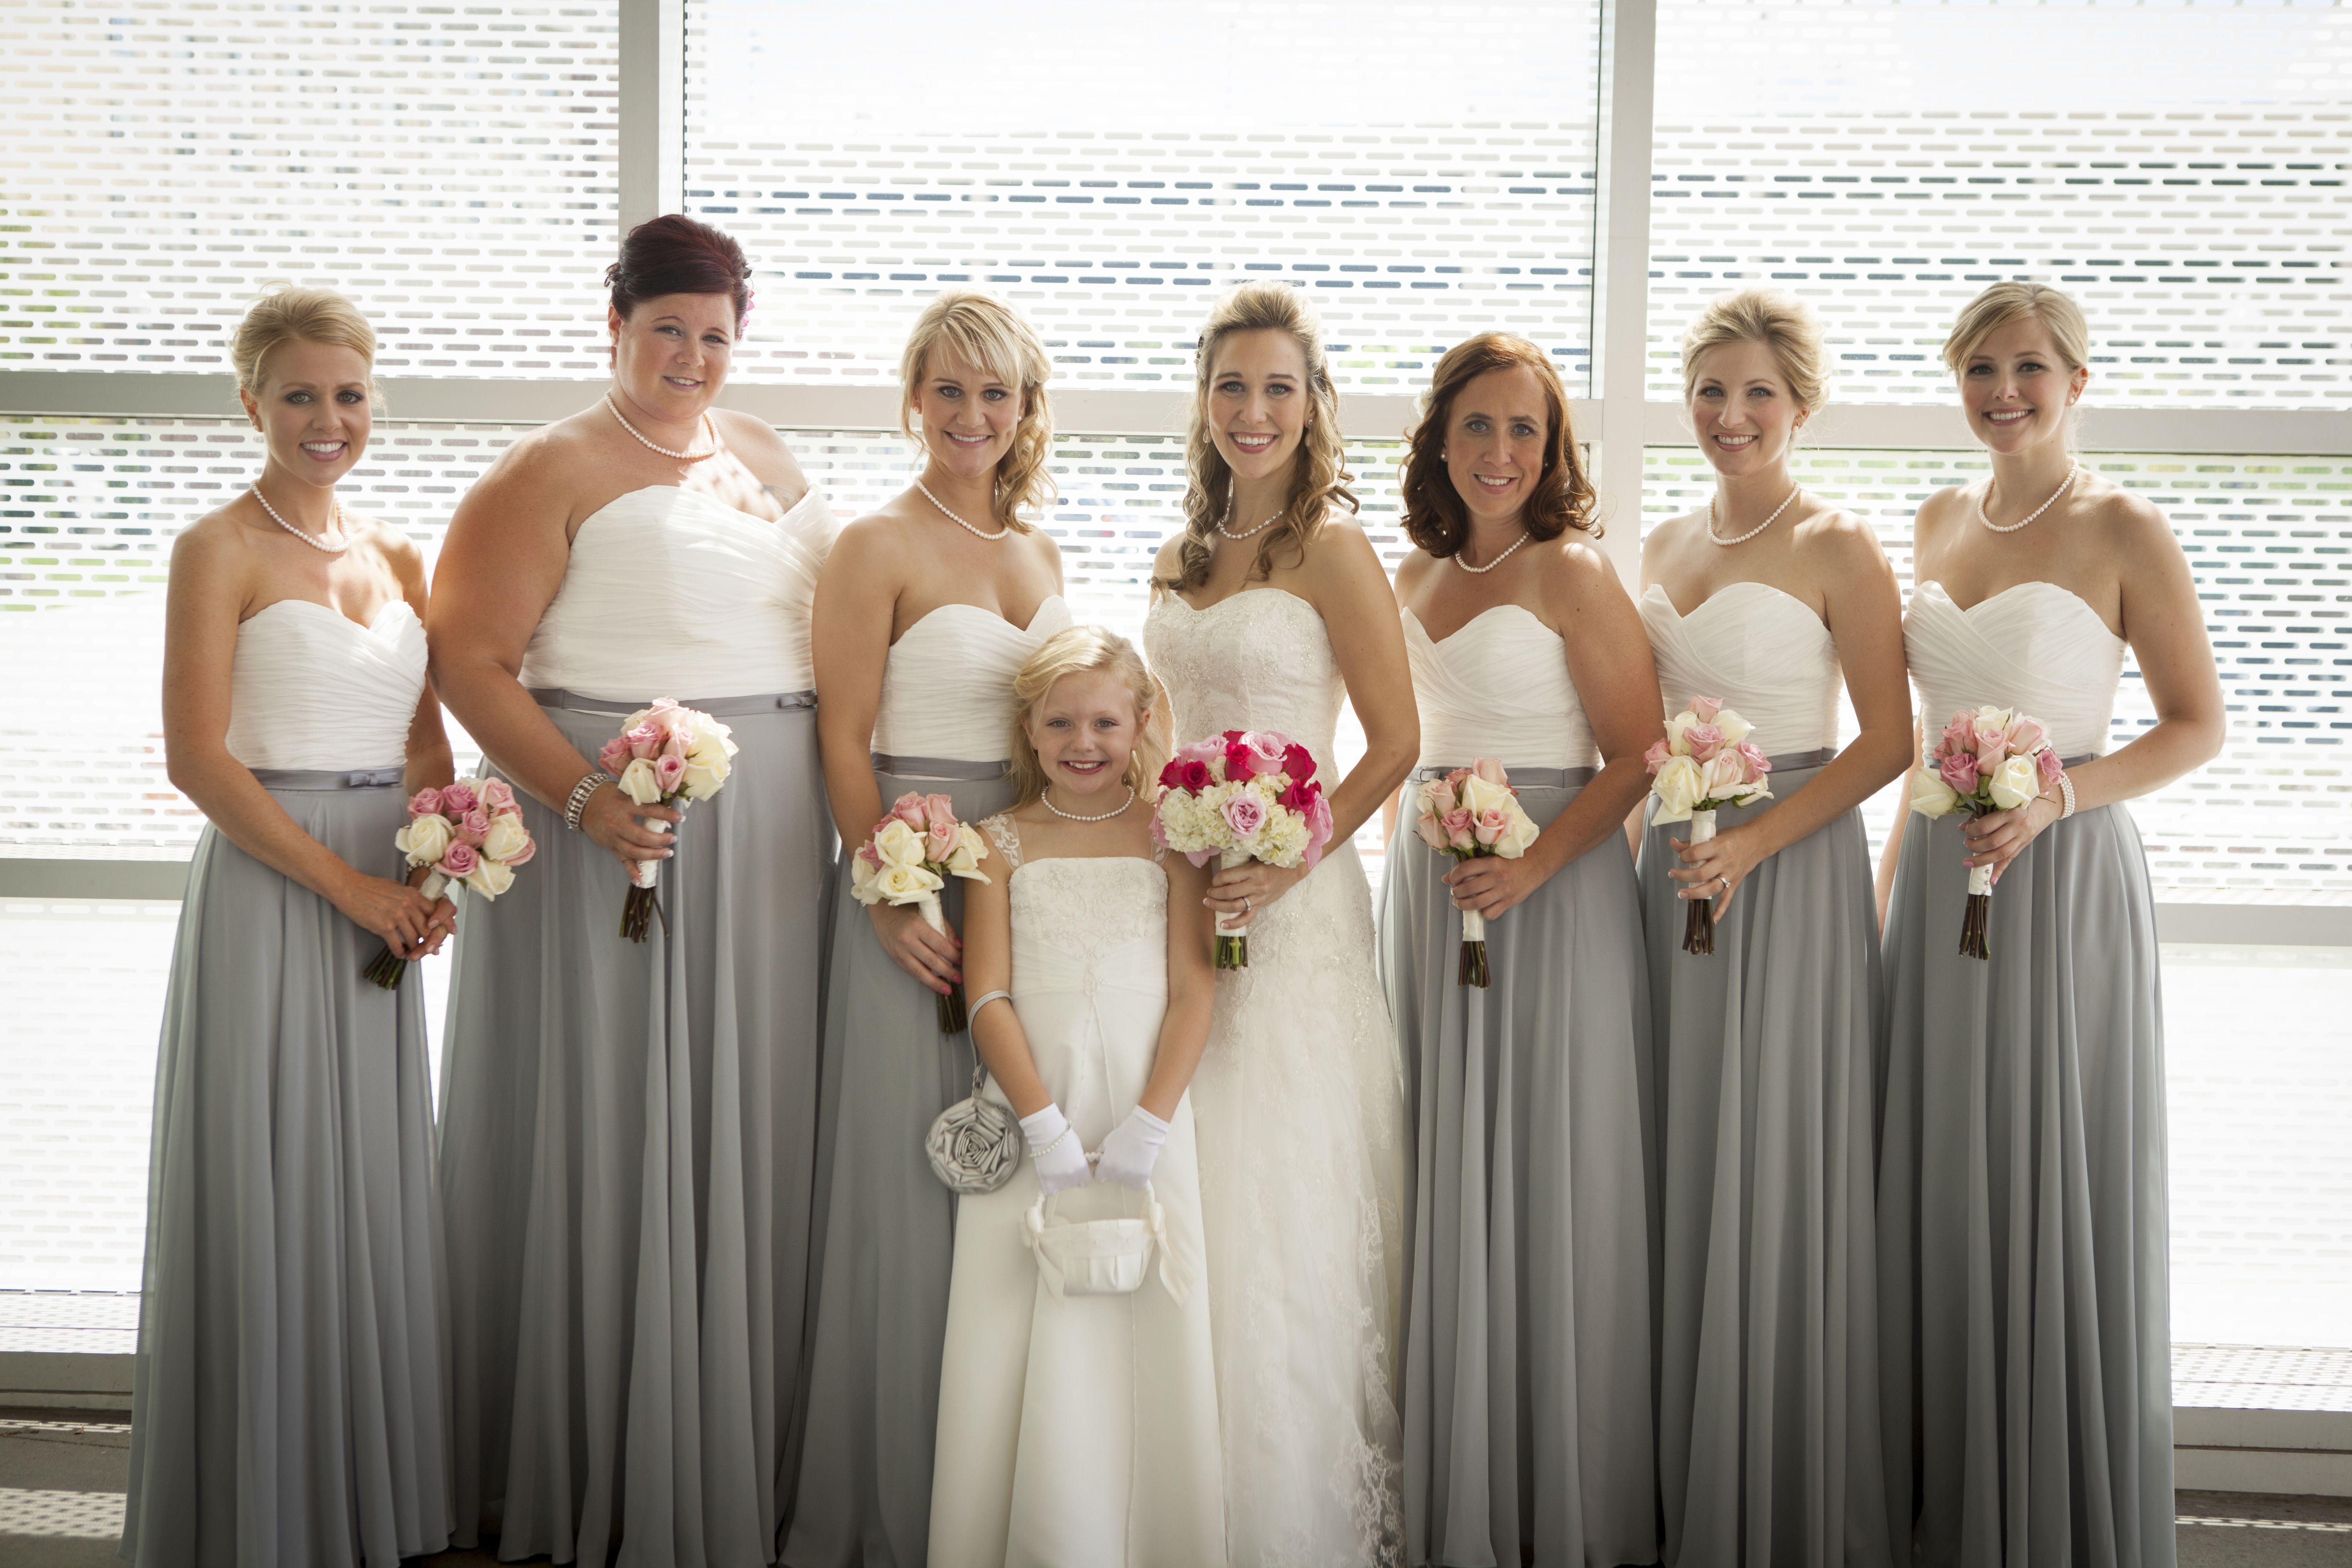 4f9f21324da561d99fb9f9fcb3719ab4 Jpg 5616 3744 Sweetheart Bridesmaids Dresses Cream Bridesmaid Dresses Sweetheart Prom Dresses Long